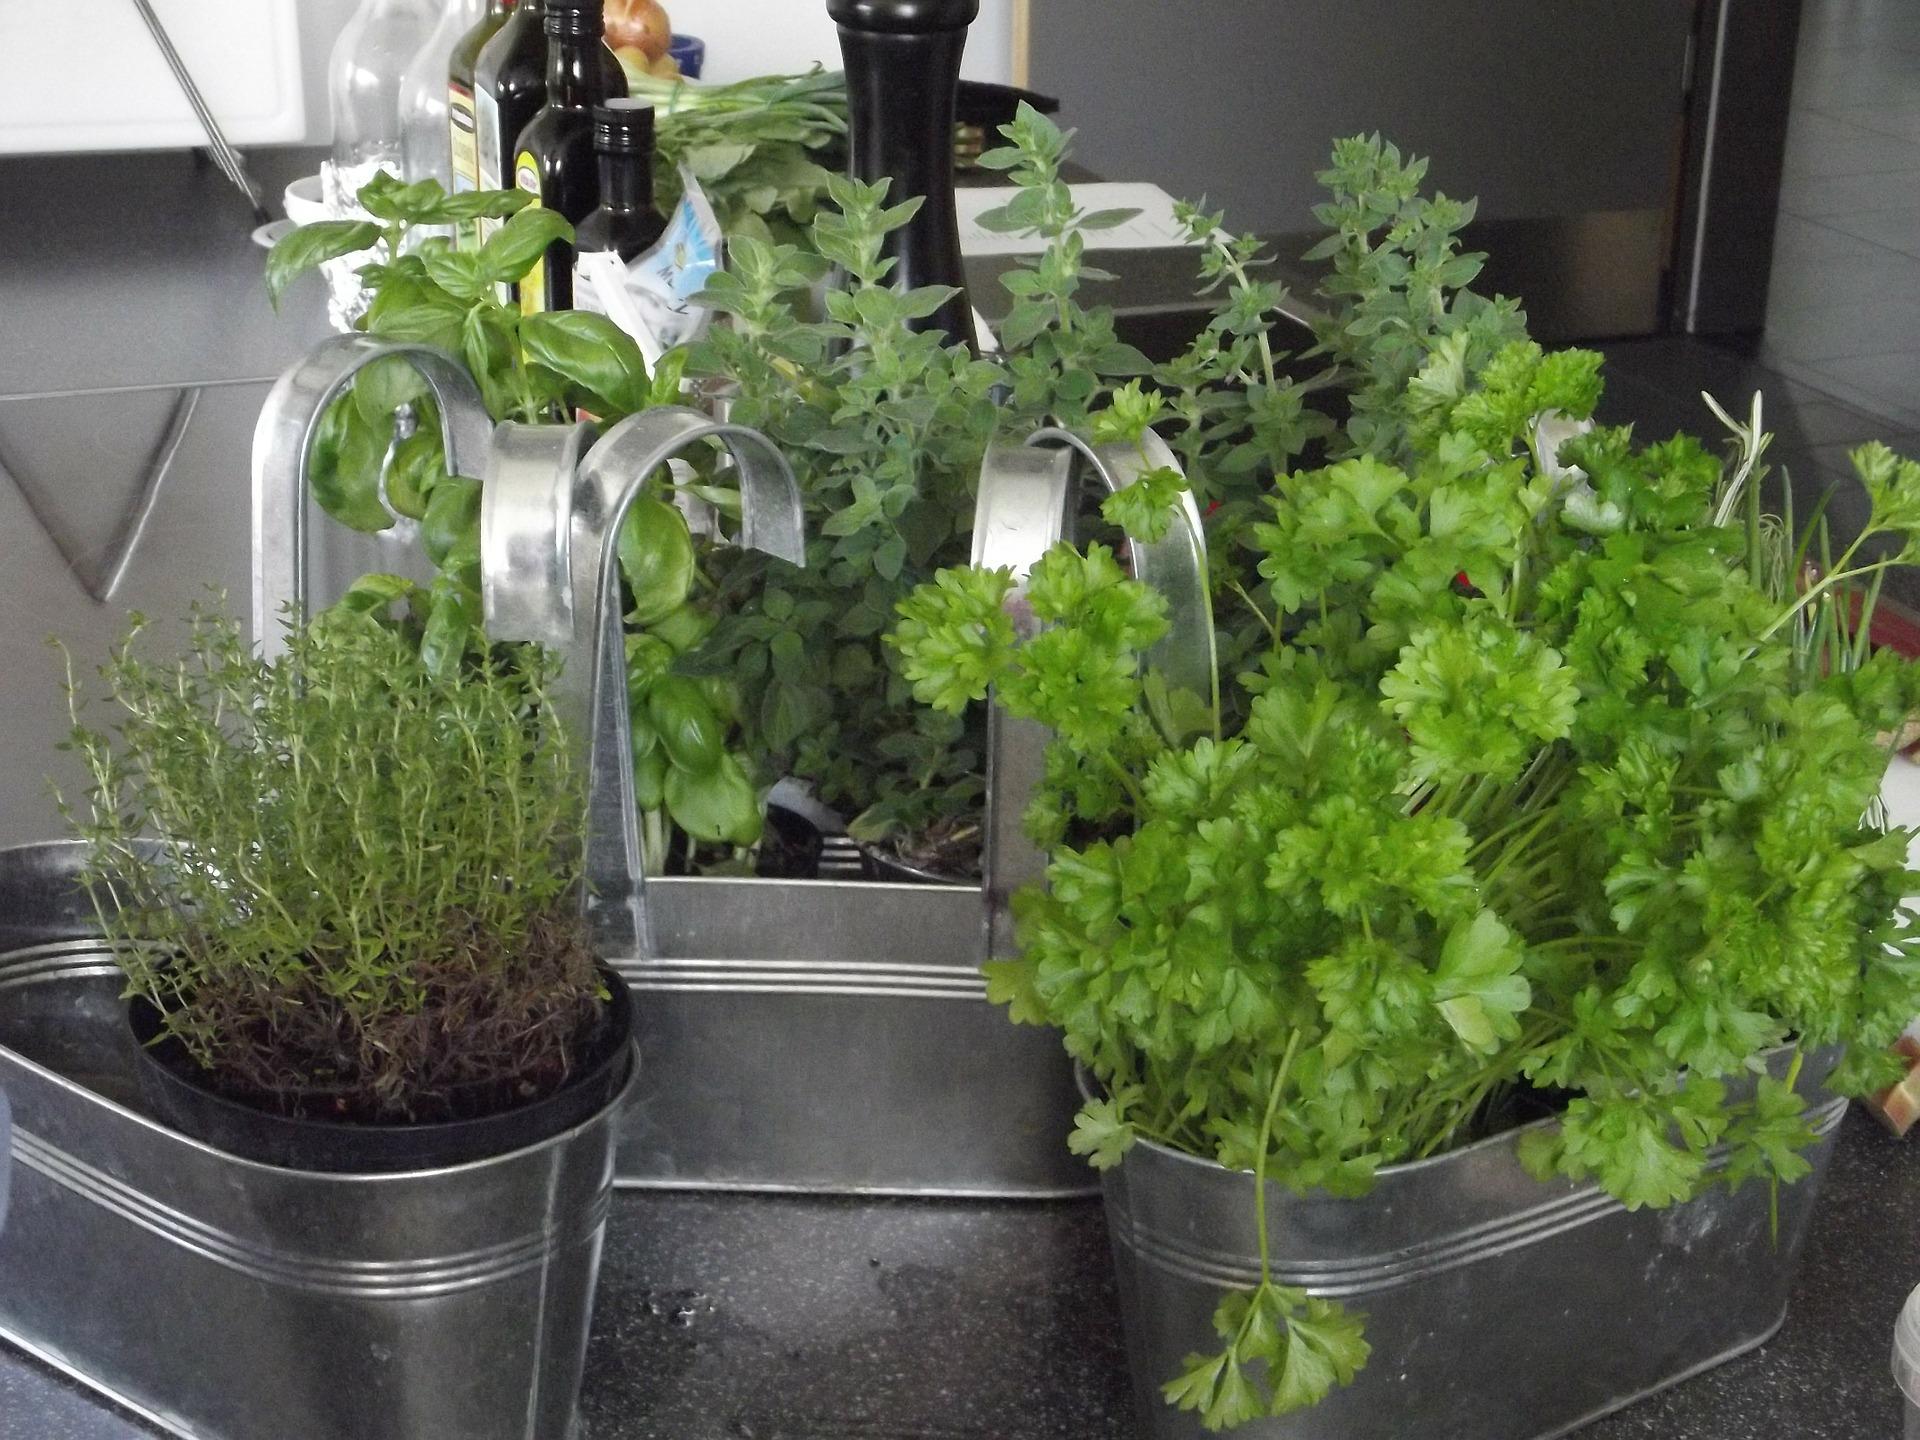 Herbes Aromatiques D Intérieur comment créer un jardin pédagogique en intérieur ?   la